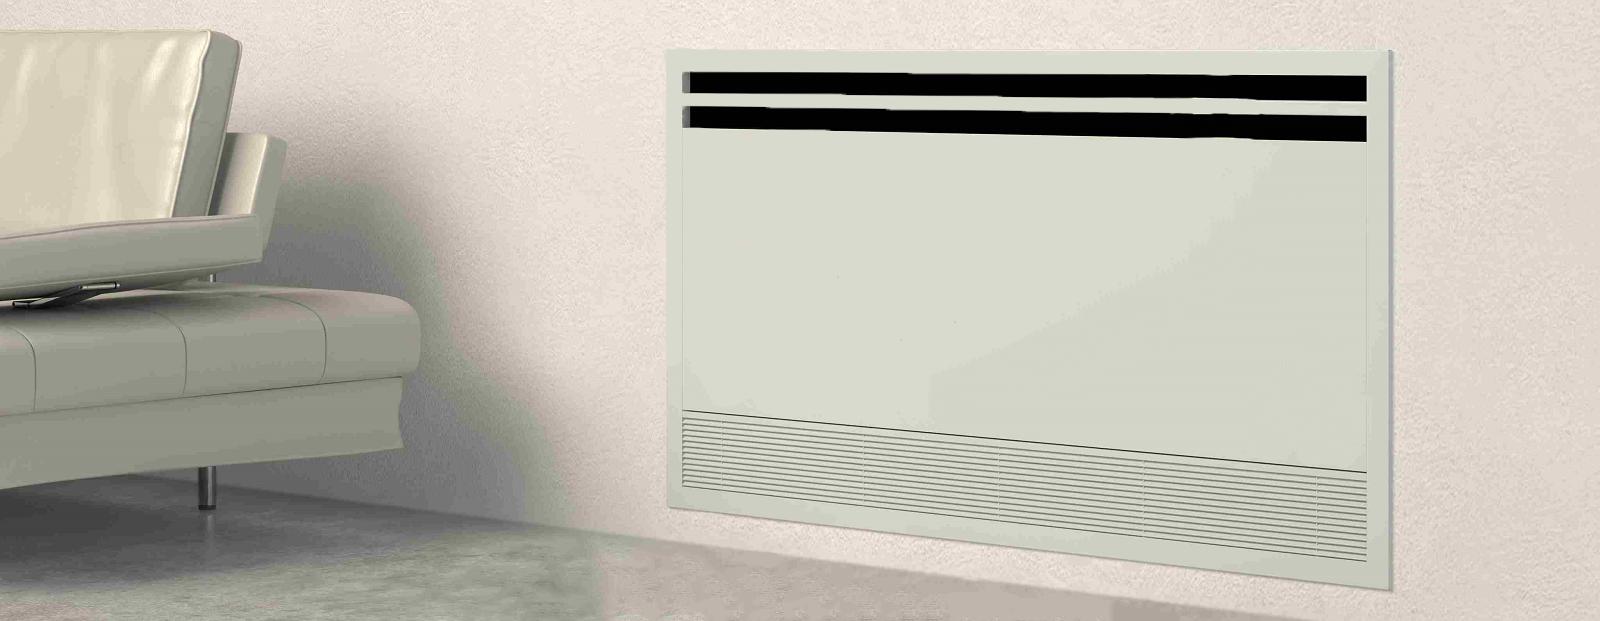 Bi2 sli naked olimpia splendid - Stufette elettriche da parete ...